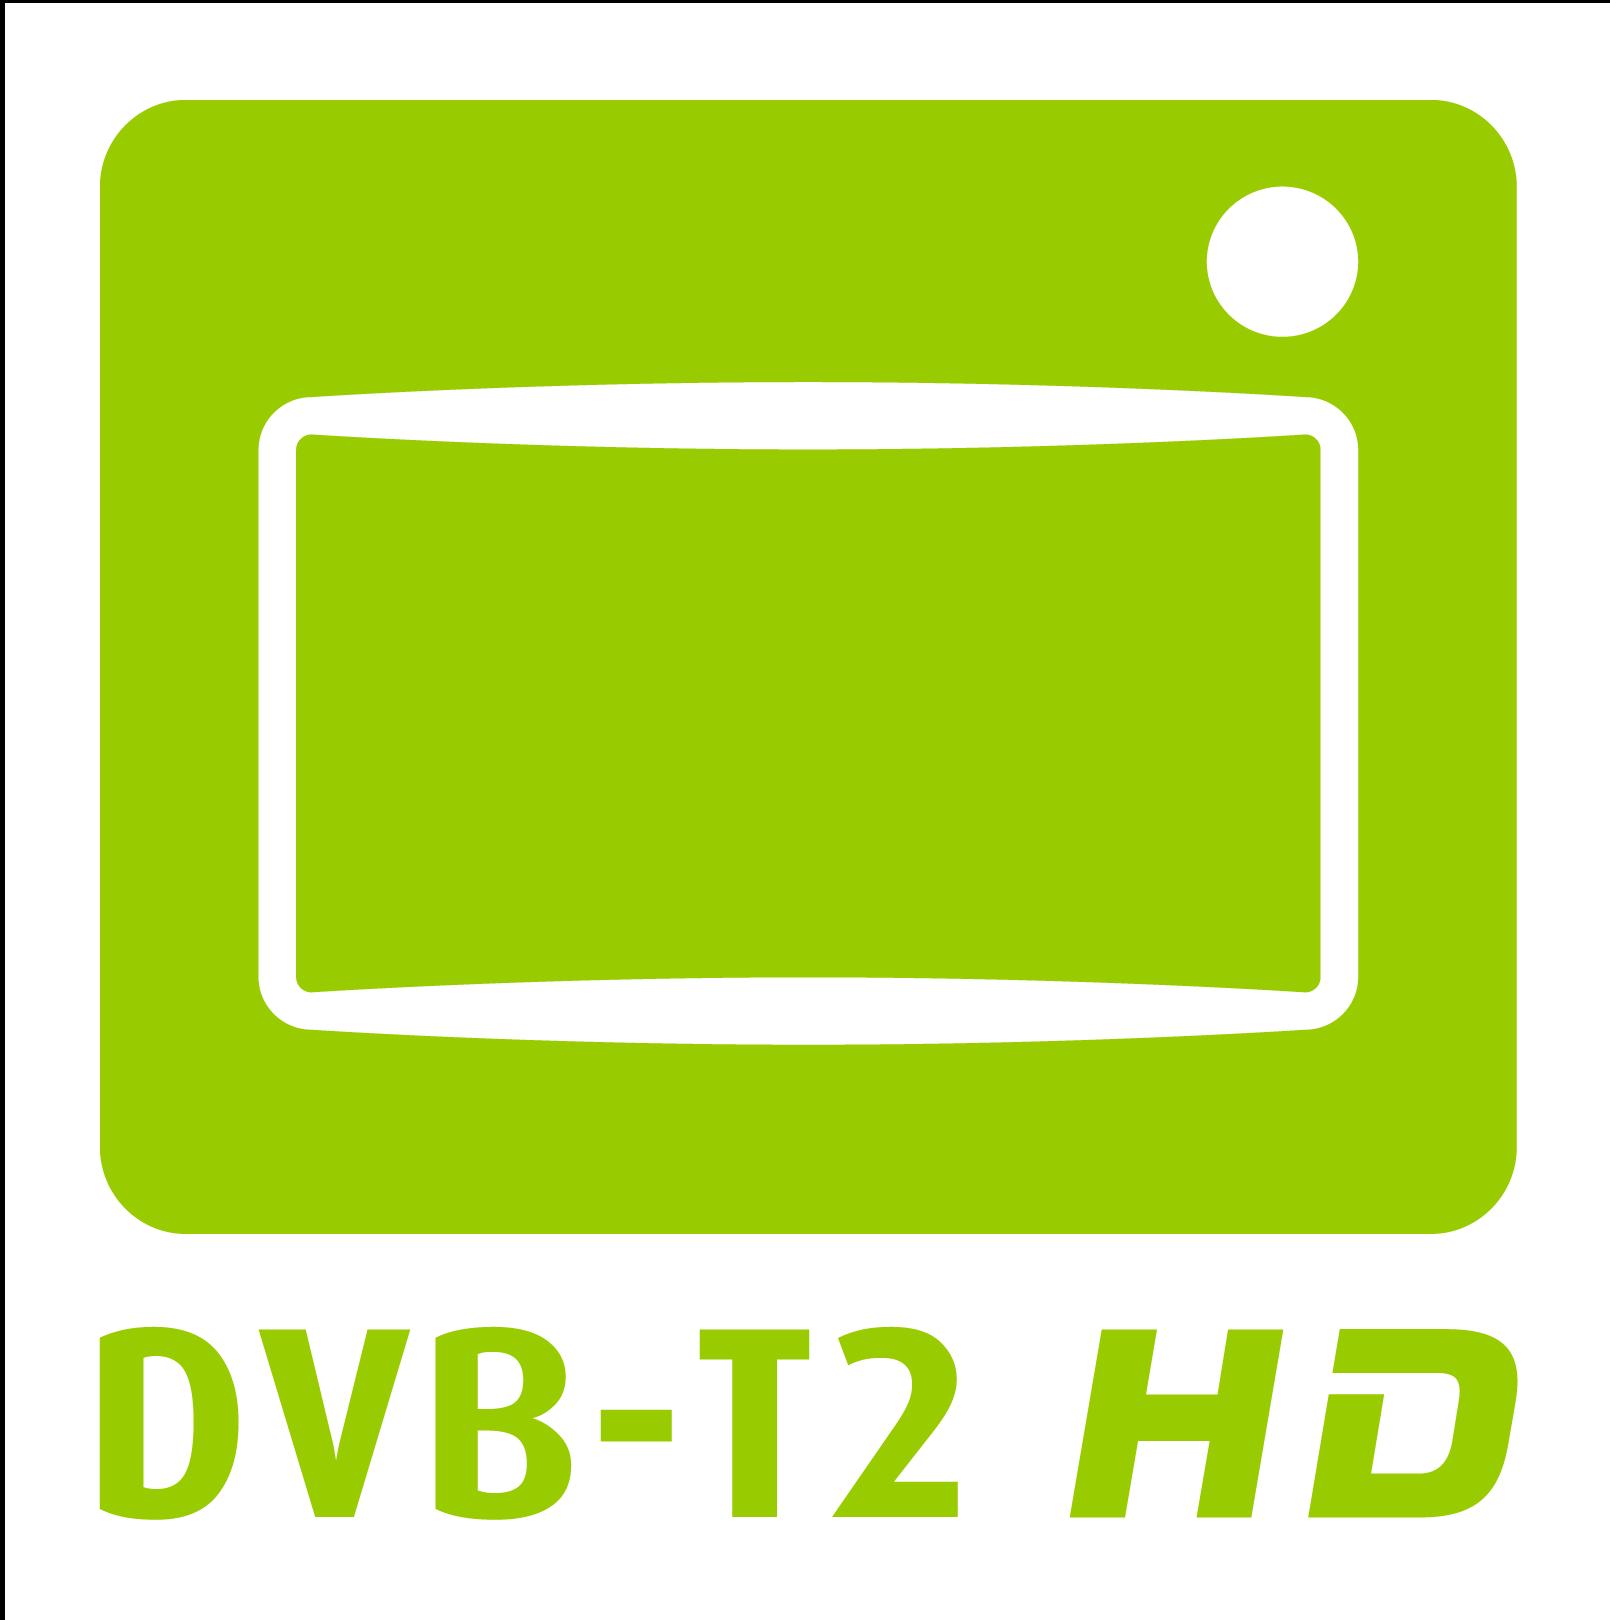 Dvb T2 Come Verificare